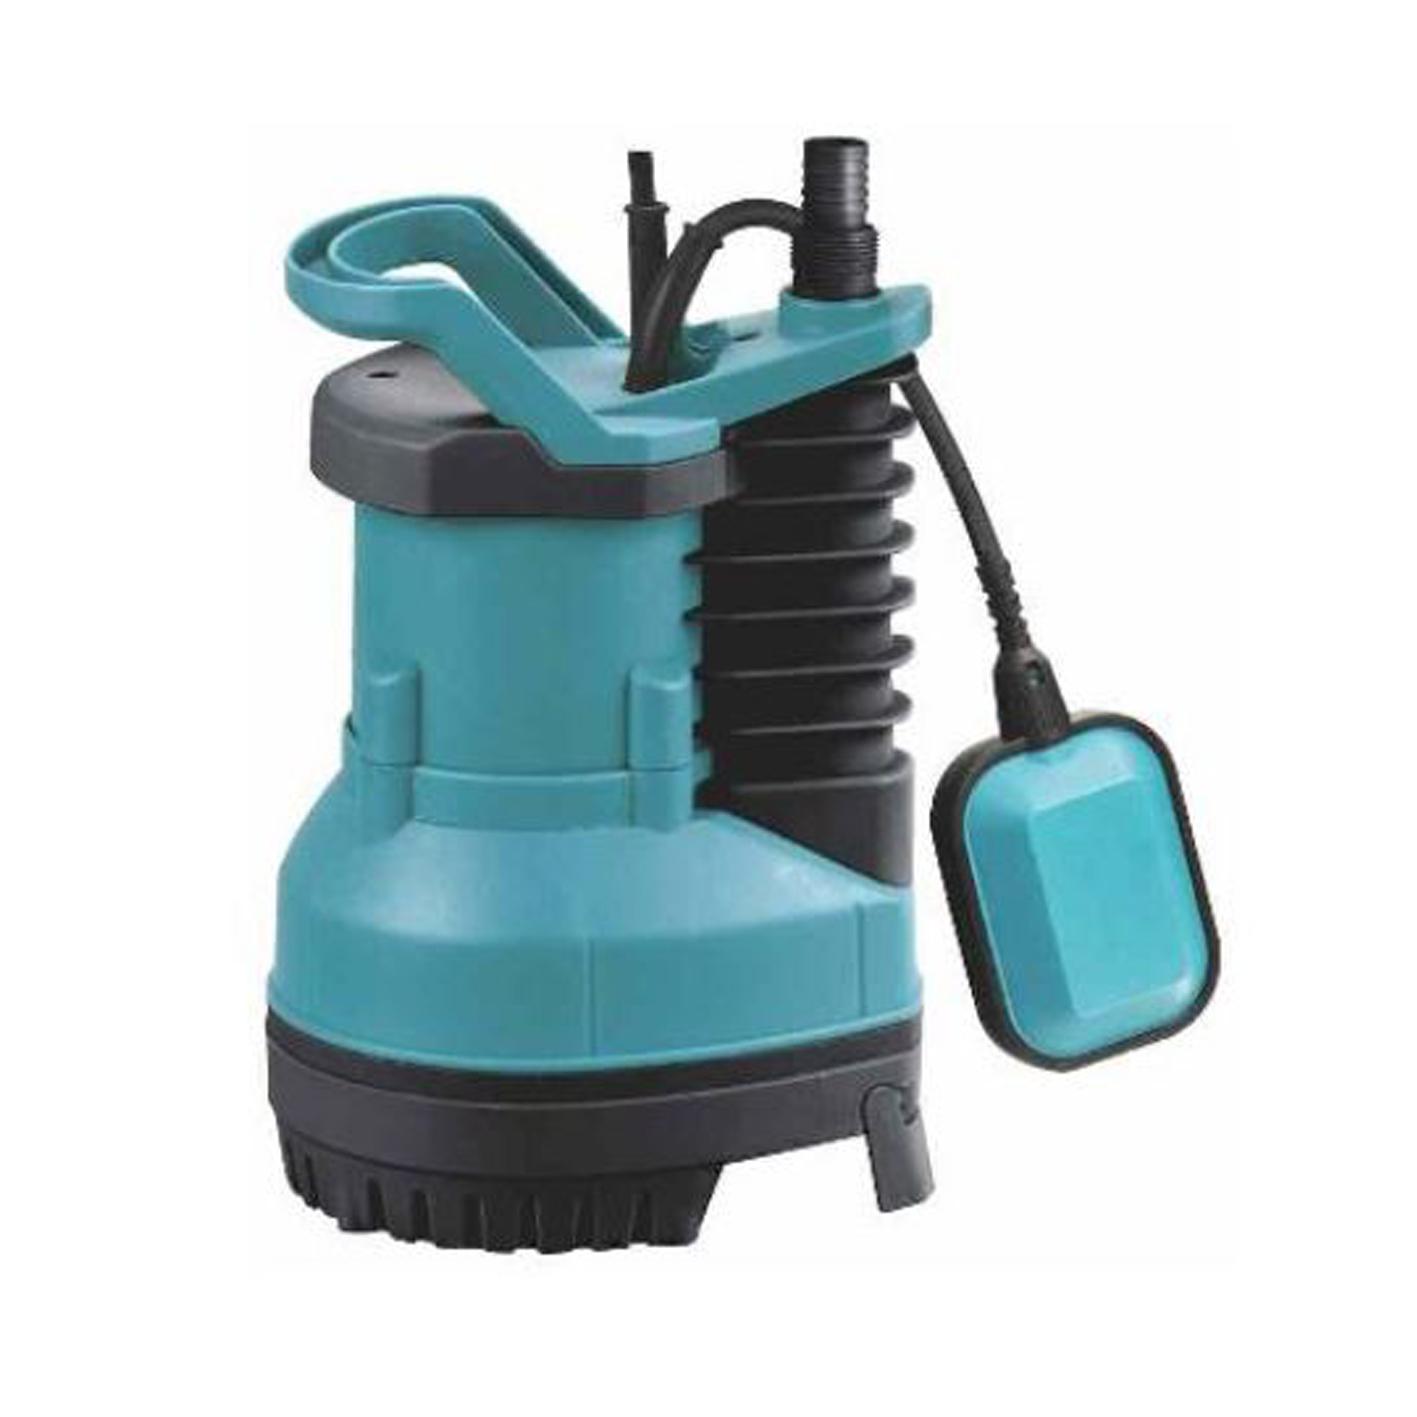 Momentum PKL - PKS 550 2P Yüksek İrtifalı Tonajlı Temiz Su Pompası